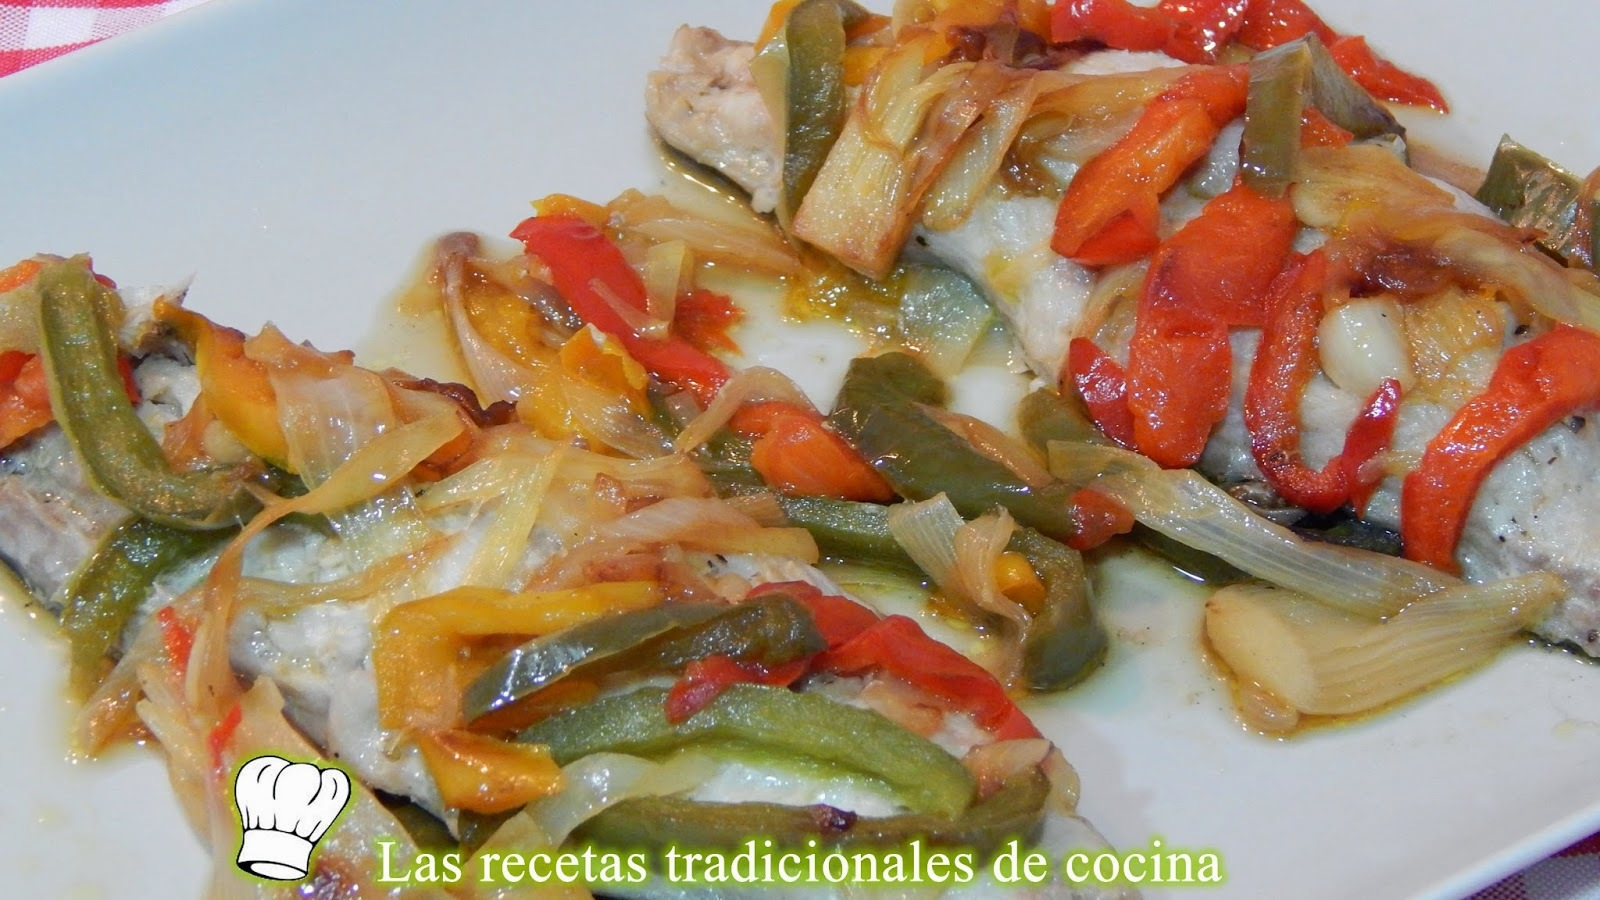 Caballa con verduras en papillote, receta fácil y rápida